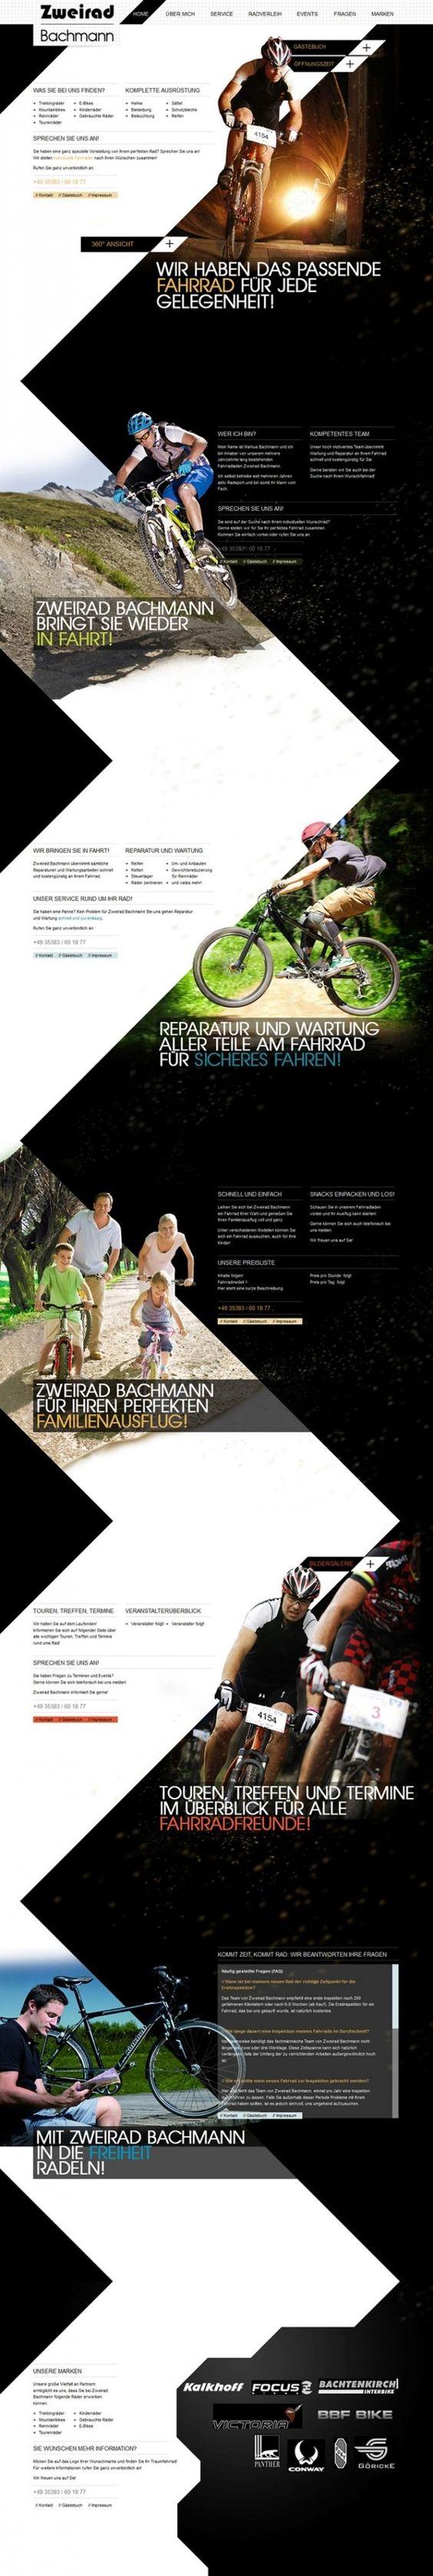 Zweirad Bachmann (http://www.zweiradbachma...) hat immer das passende Fahrrad fr jede Gelegenheit. Das perfekte Webdesign dazu kommt von Euroweb. #infographics